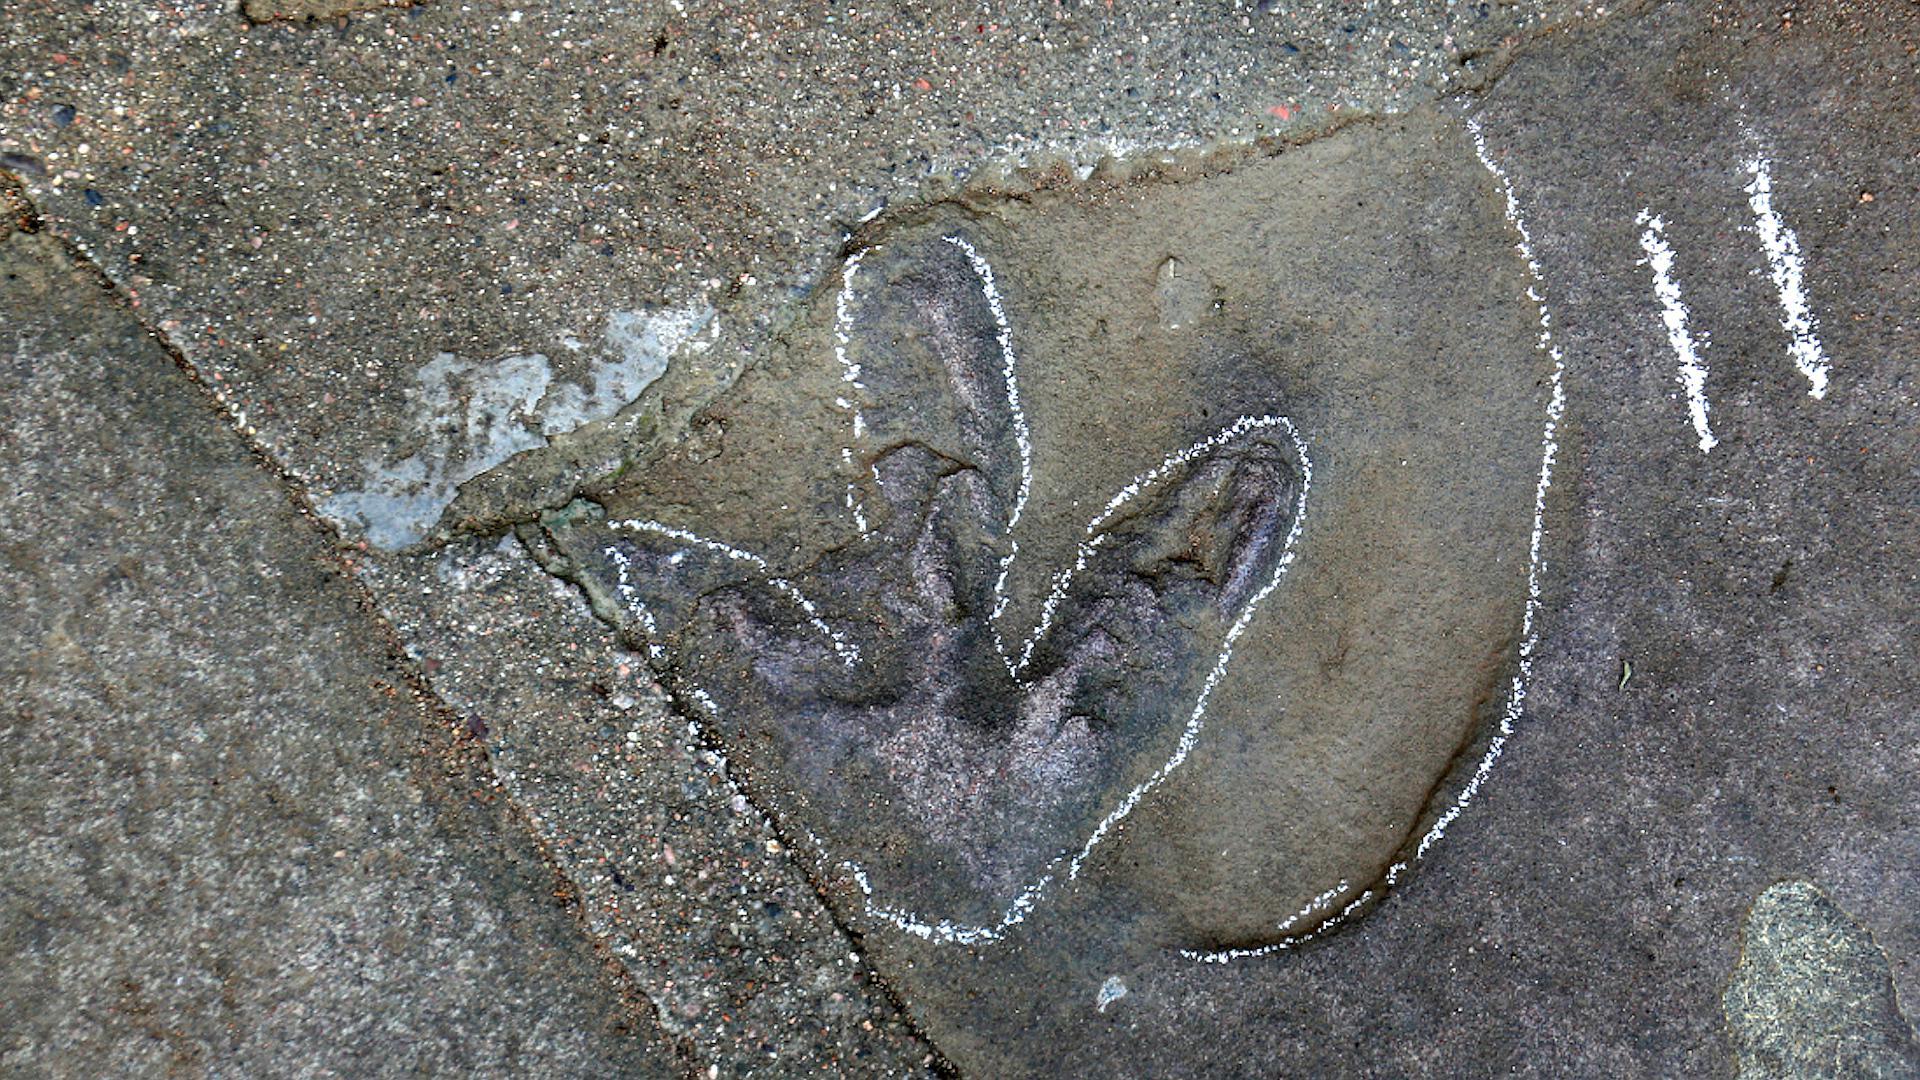 """石板路惊现大量恐龙足迹!承德避暑山庄原来竟是""""侏罗纪公园"""""""